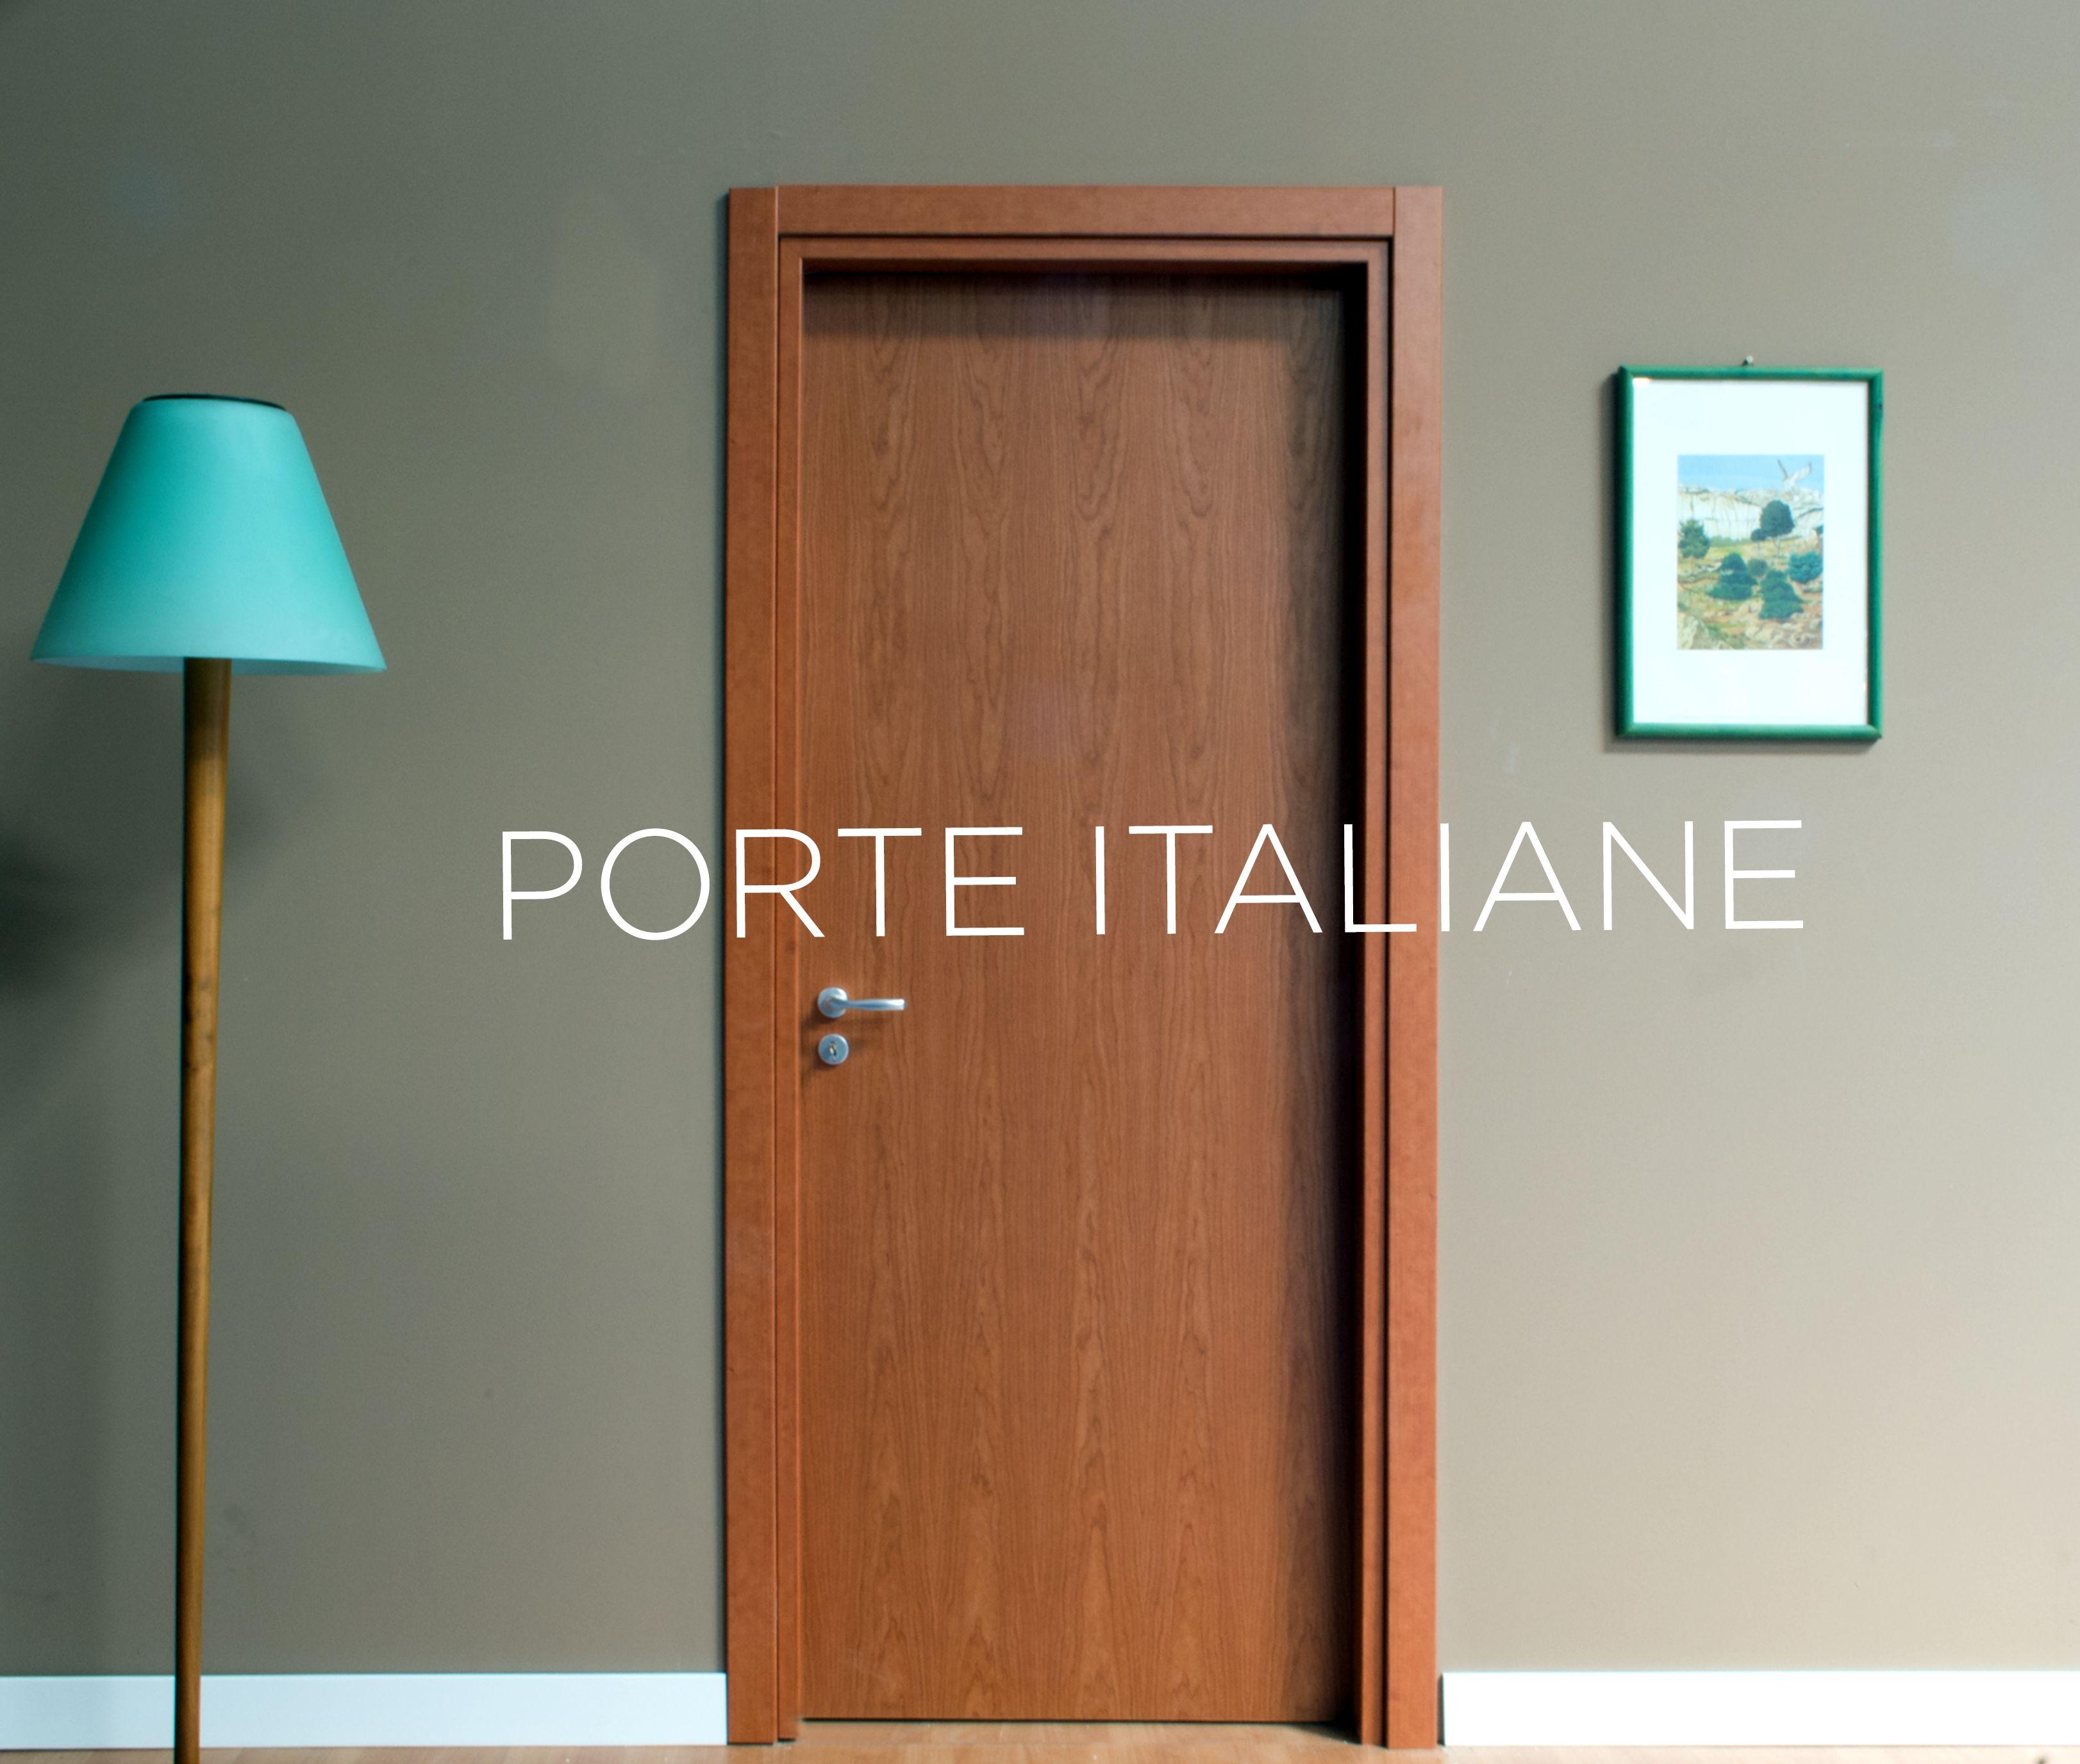 Porte Interne Color Ciliegio porta ciliegio | porte interne, arredamento, porte